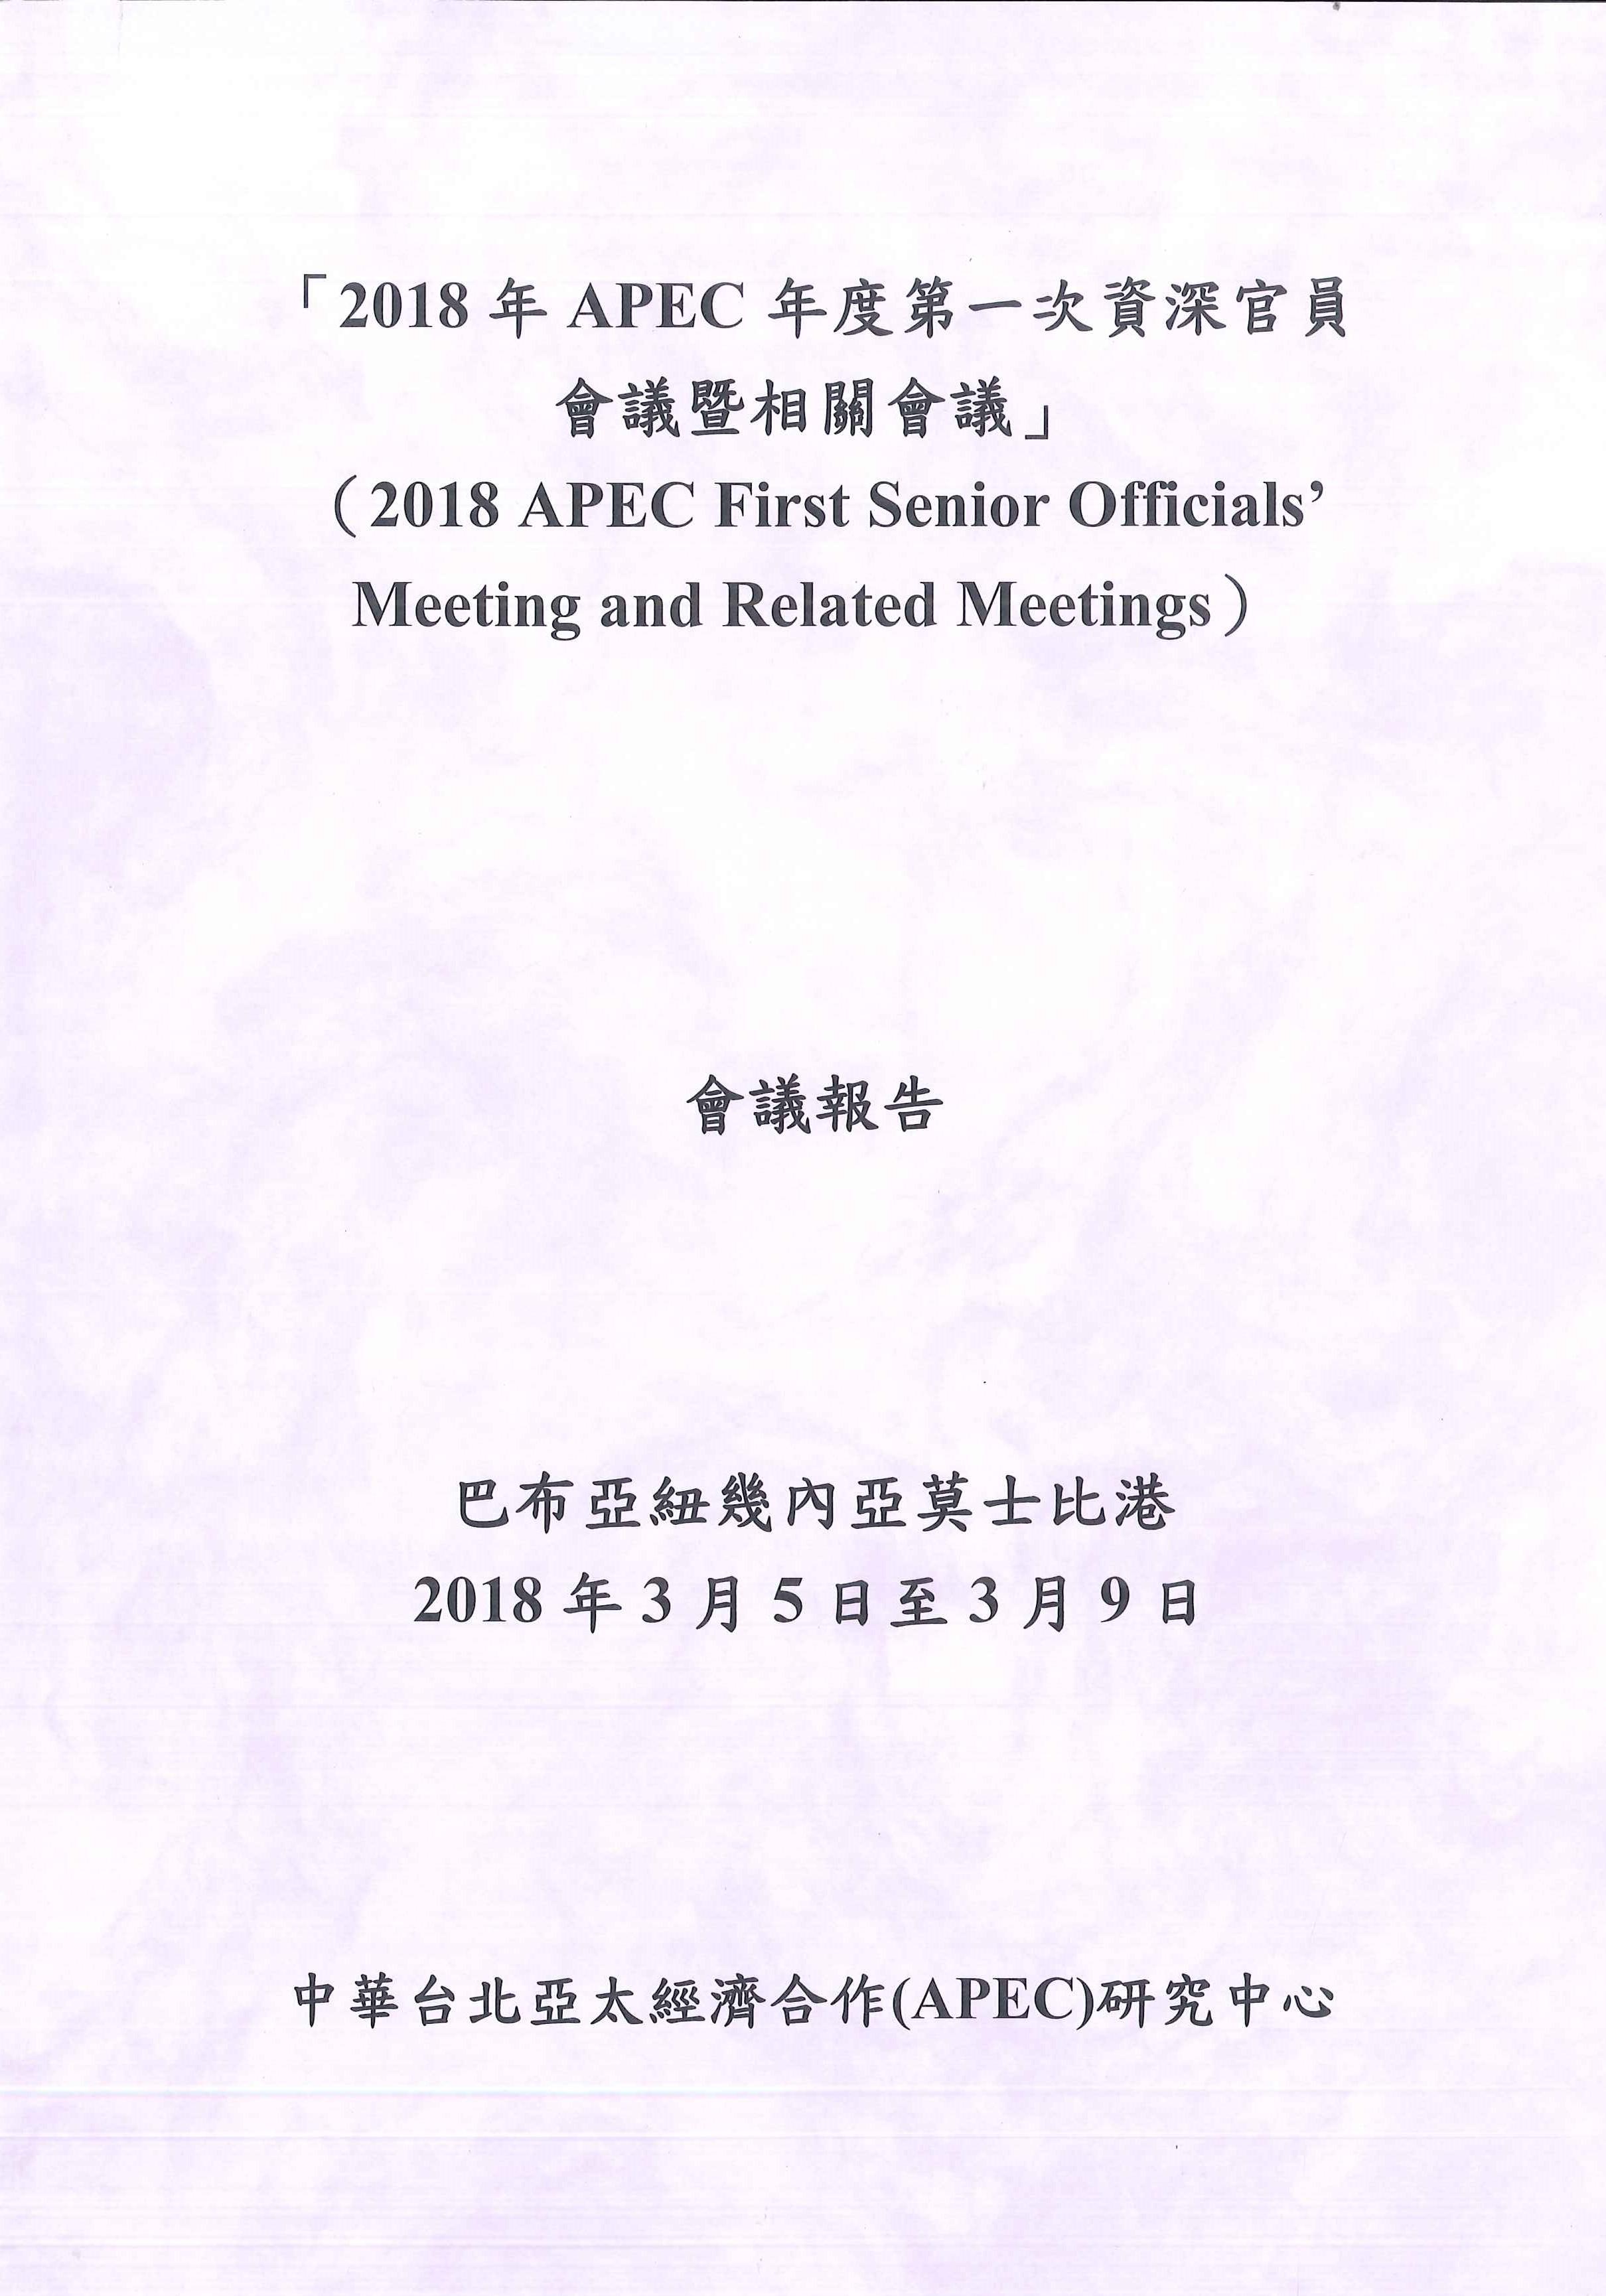 「2018年APEC年度第一次資深官員會議暨相關會議」會議報告 =2018 APEC first senior officials